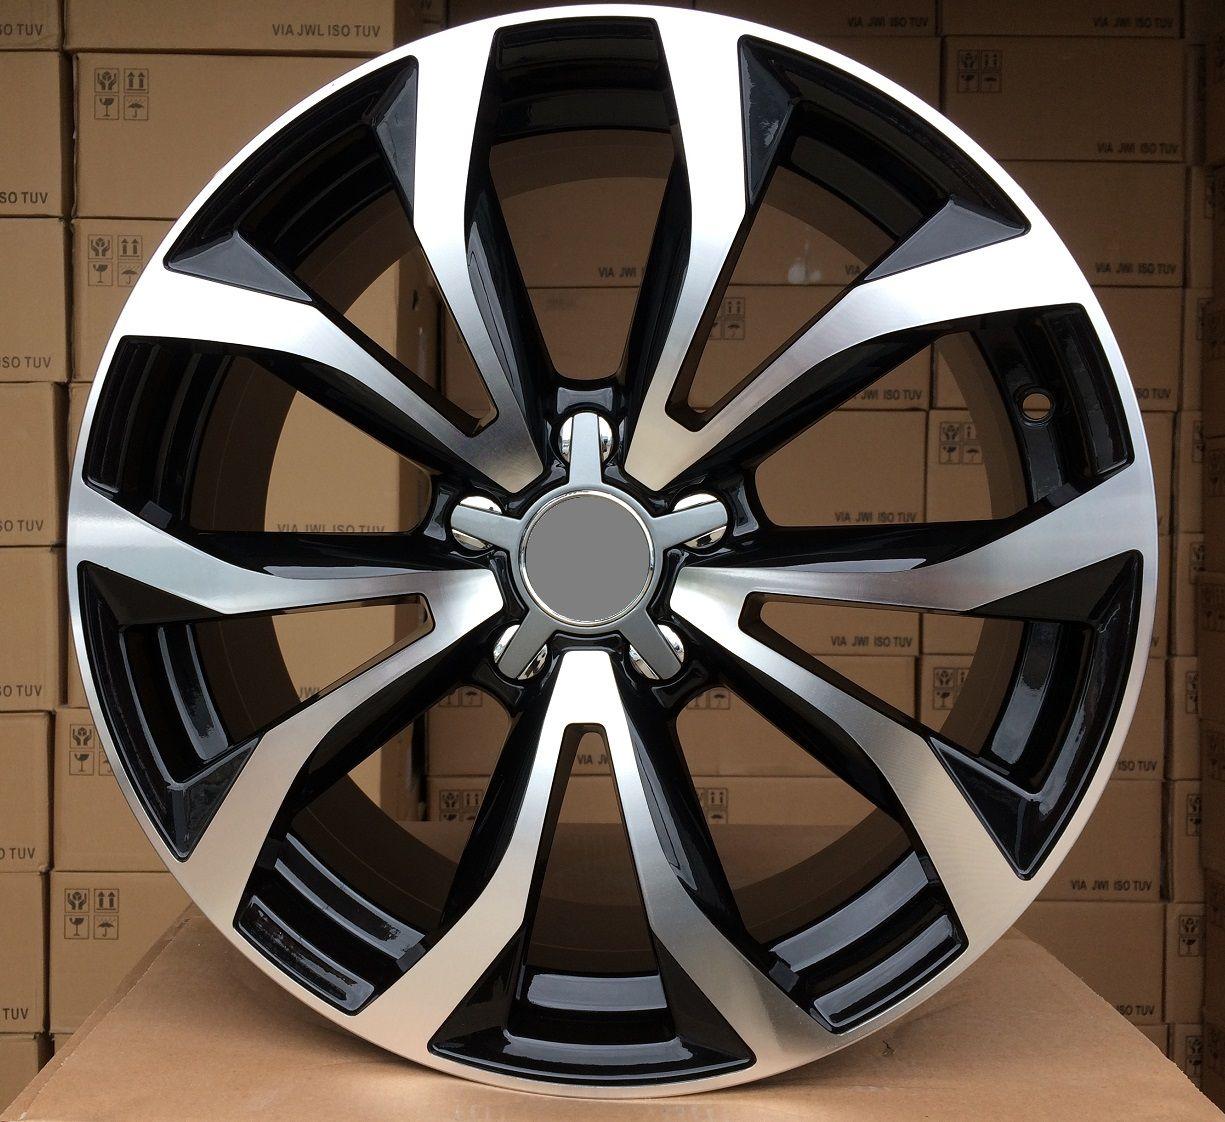 """Alu kola 17"""" na Audi A3, 17x7,5 5x112 ET43, R17 černá + leštění"""